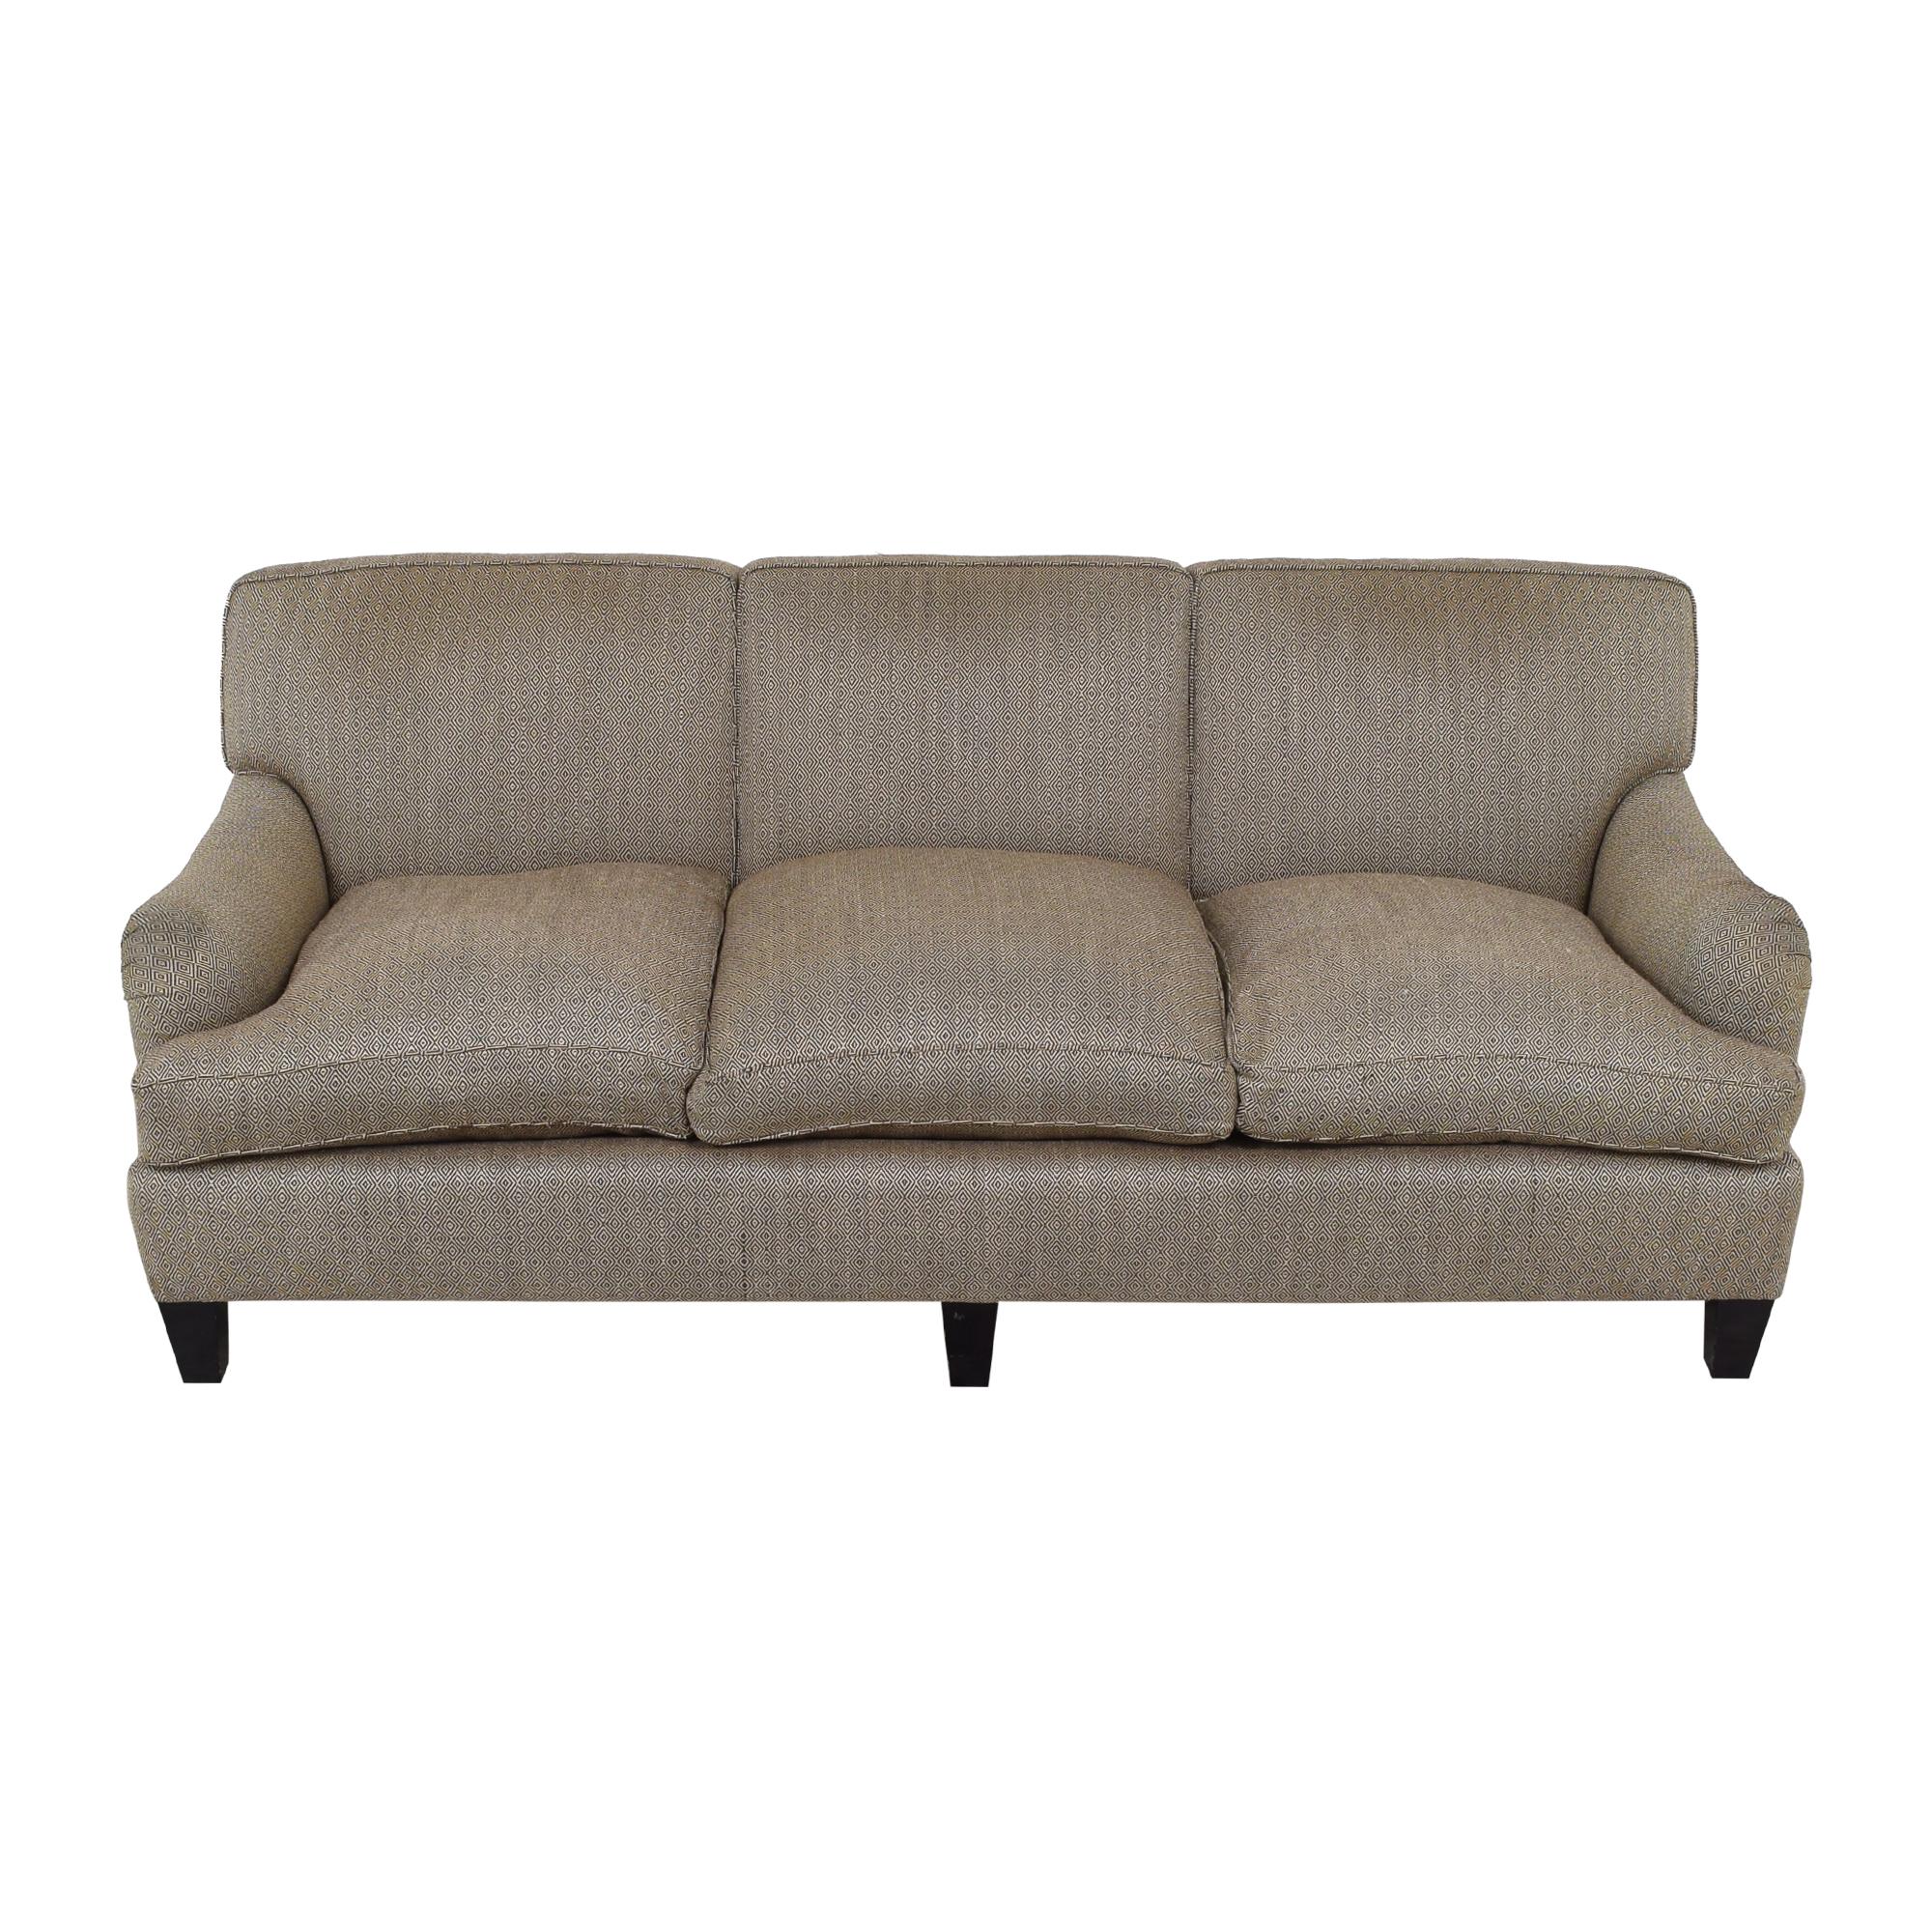 Custom Bridgewater Sofa brown